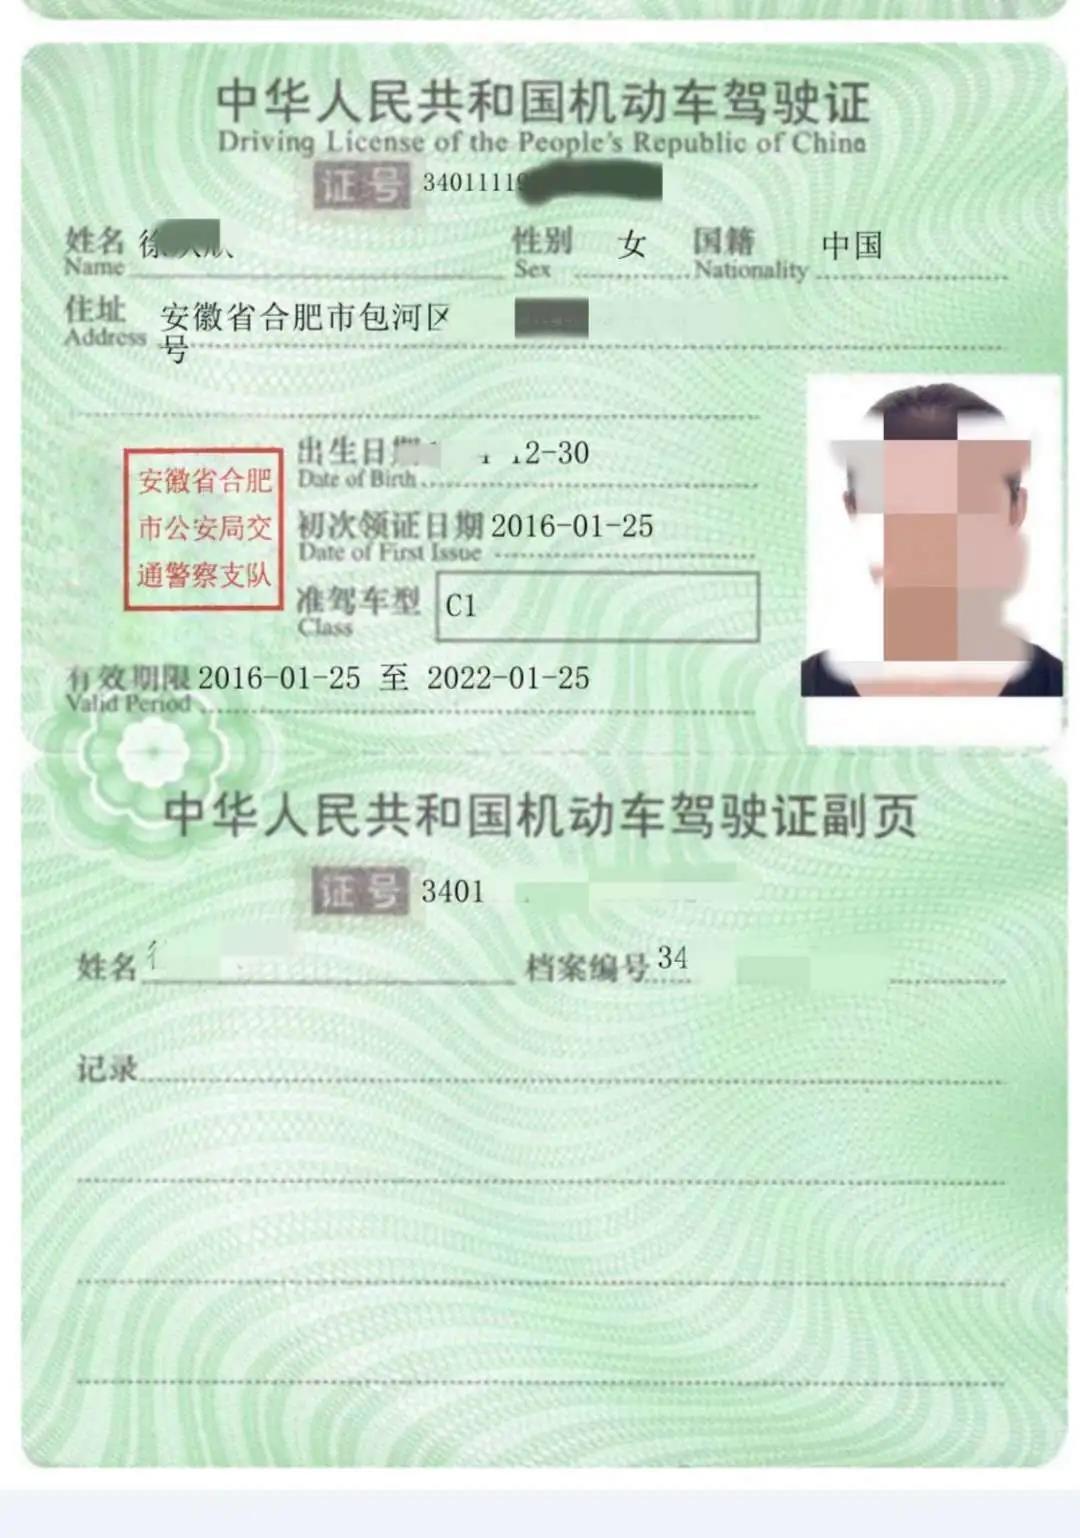 微信图片_20200910171653.jpg